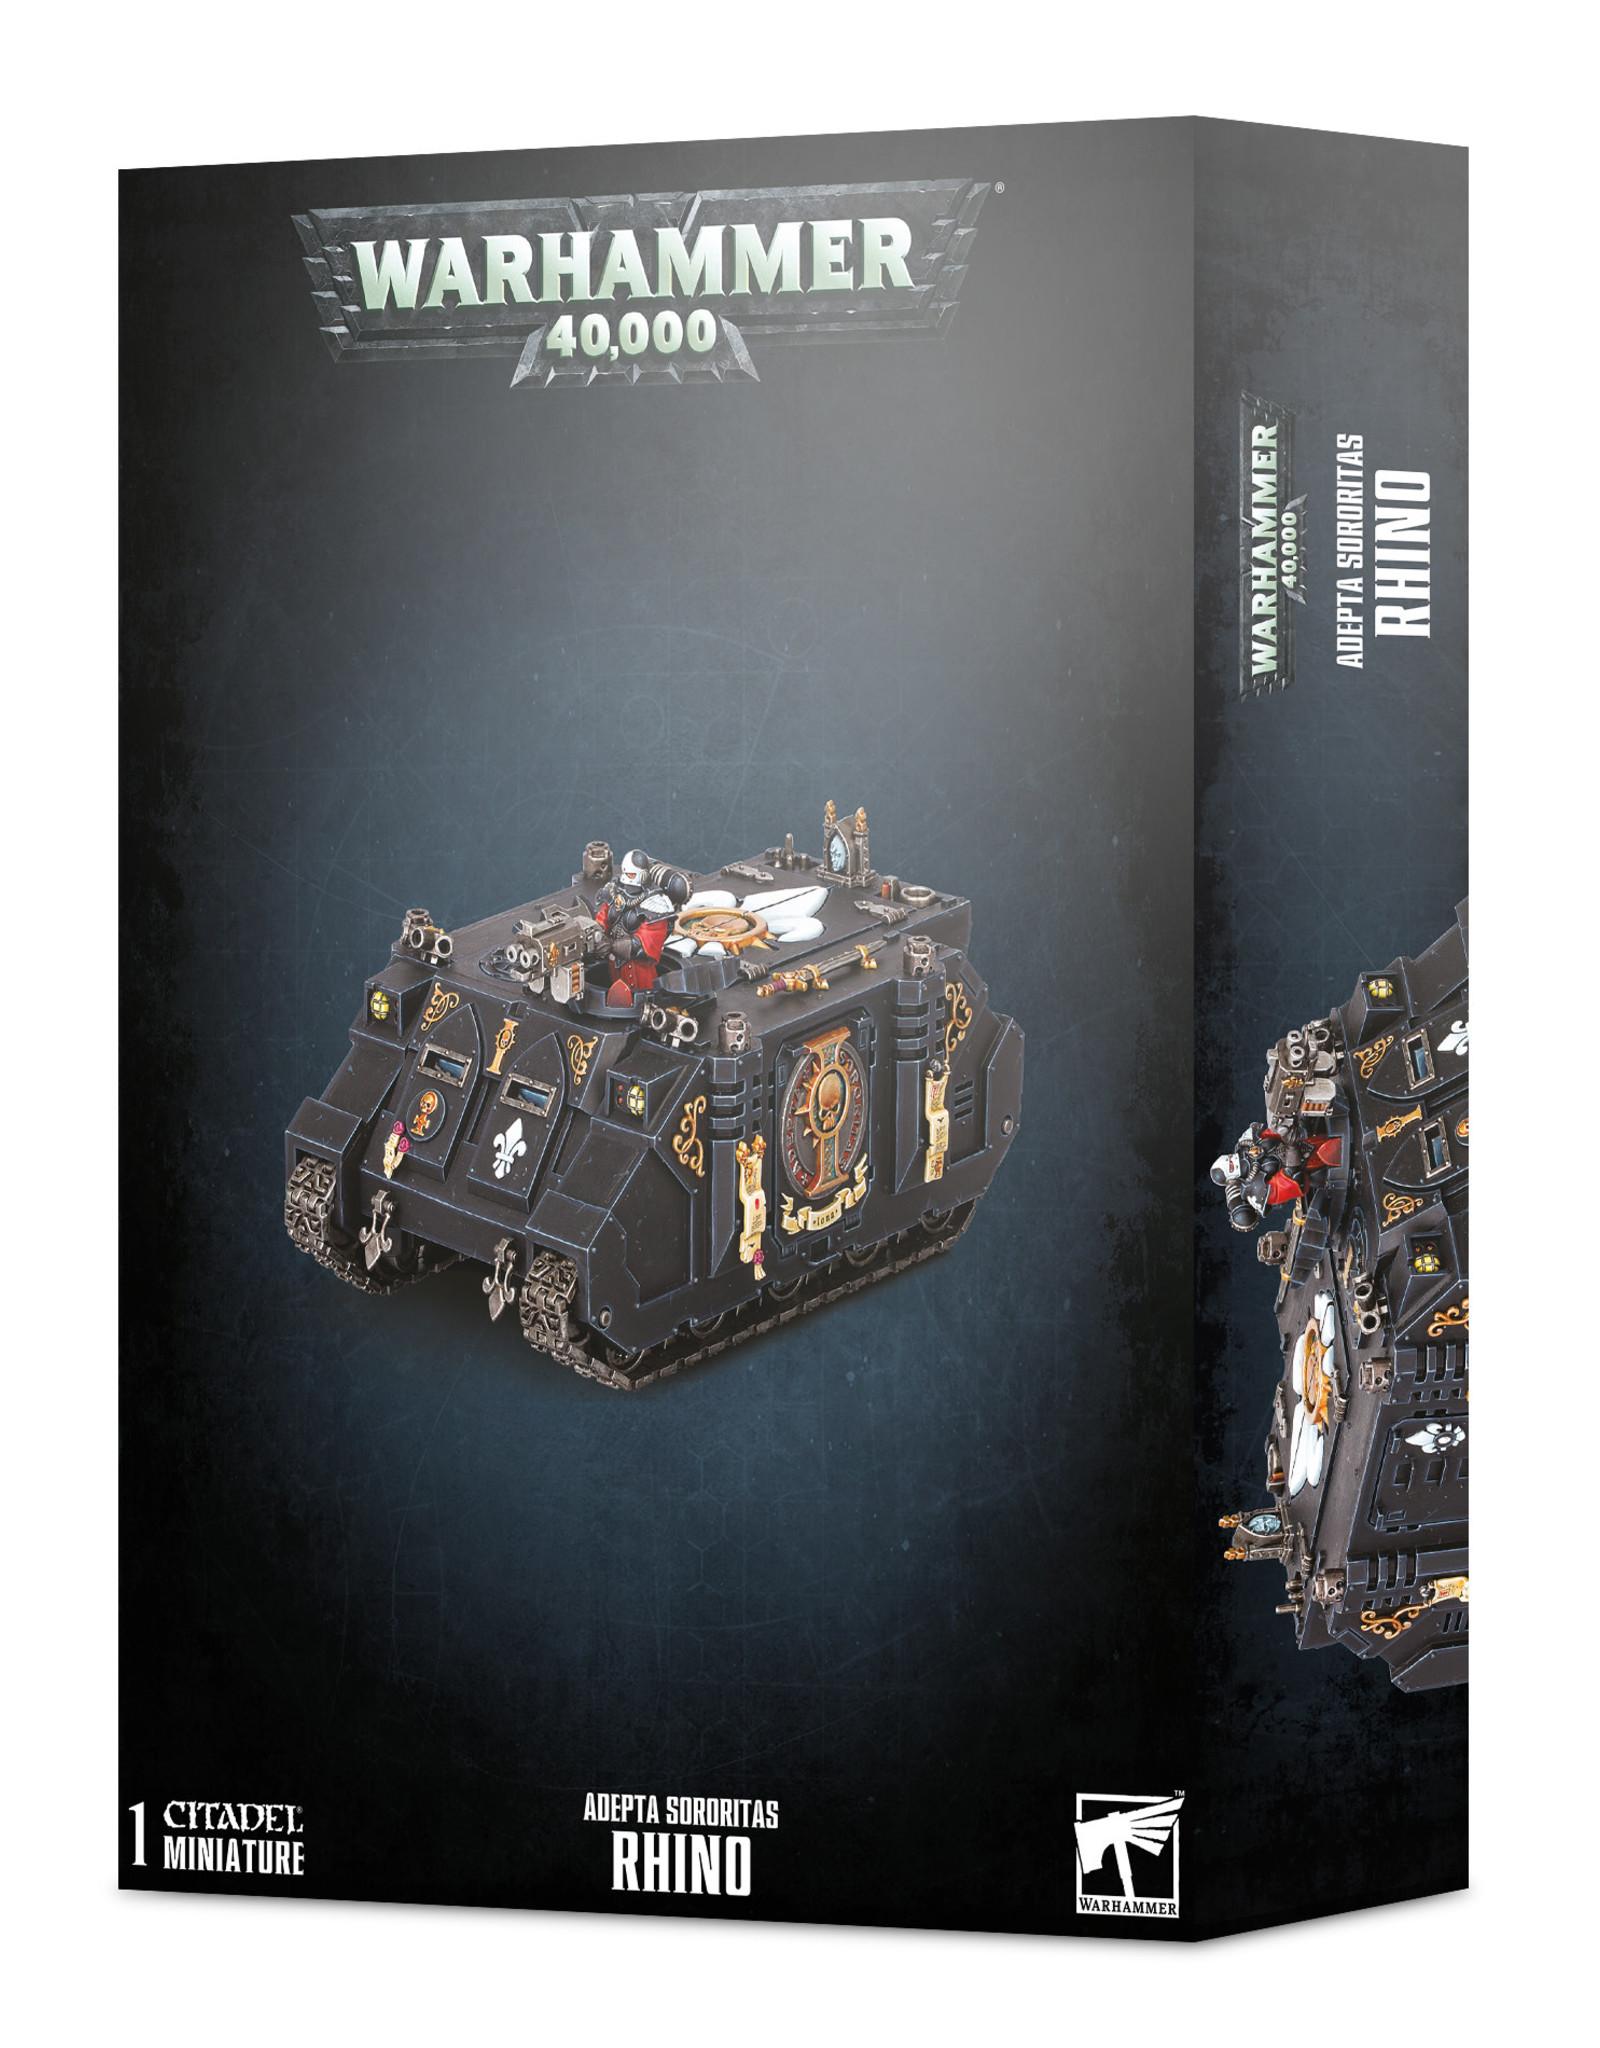 Warhammer 40K Adepta Sororitas Rhino